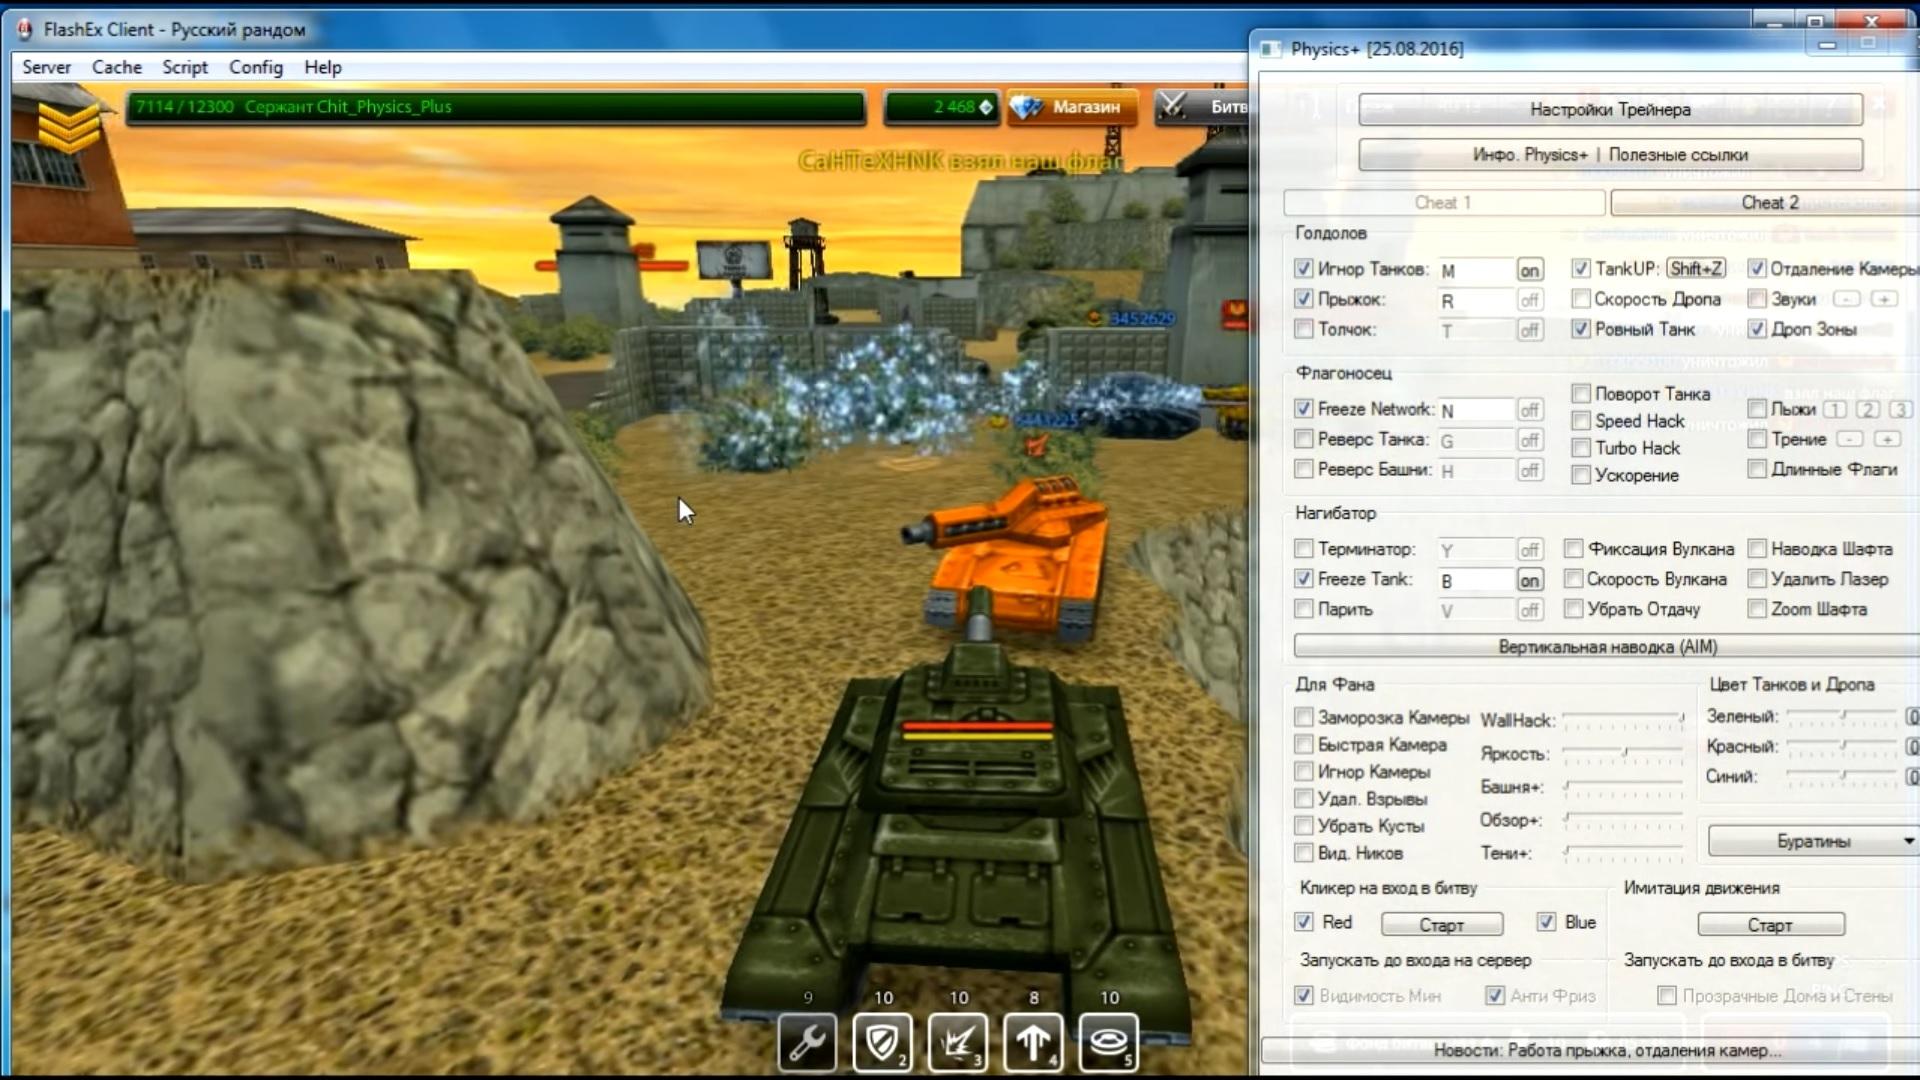 Как сделать чит на прыжок в танки онлайн